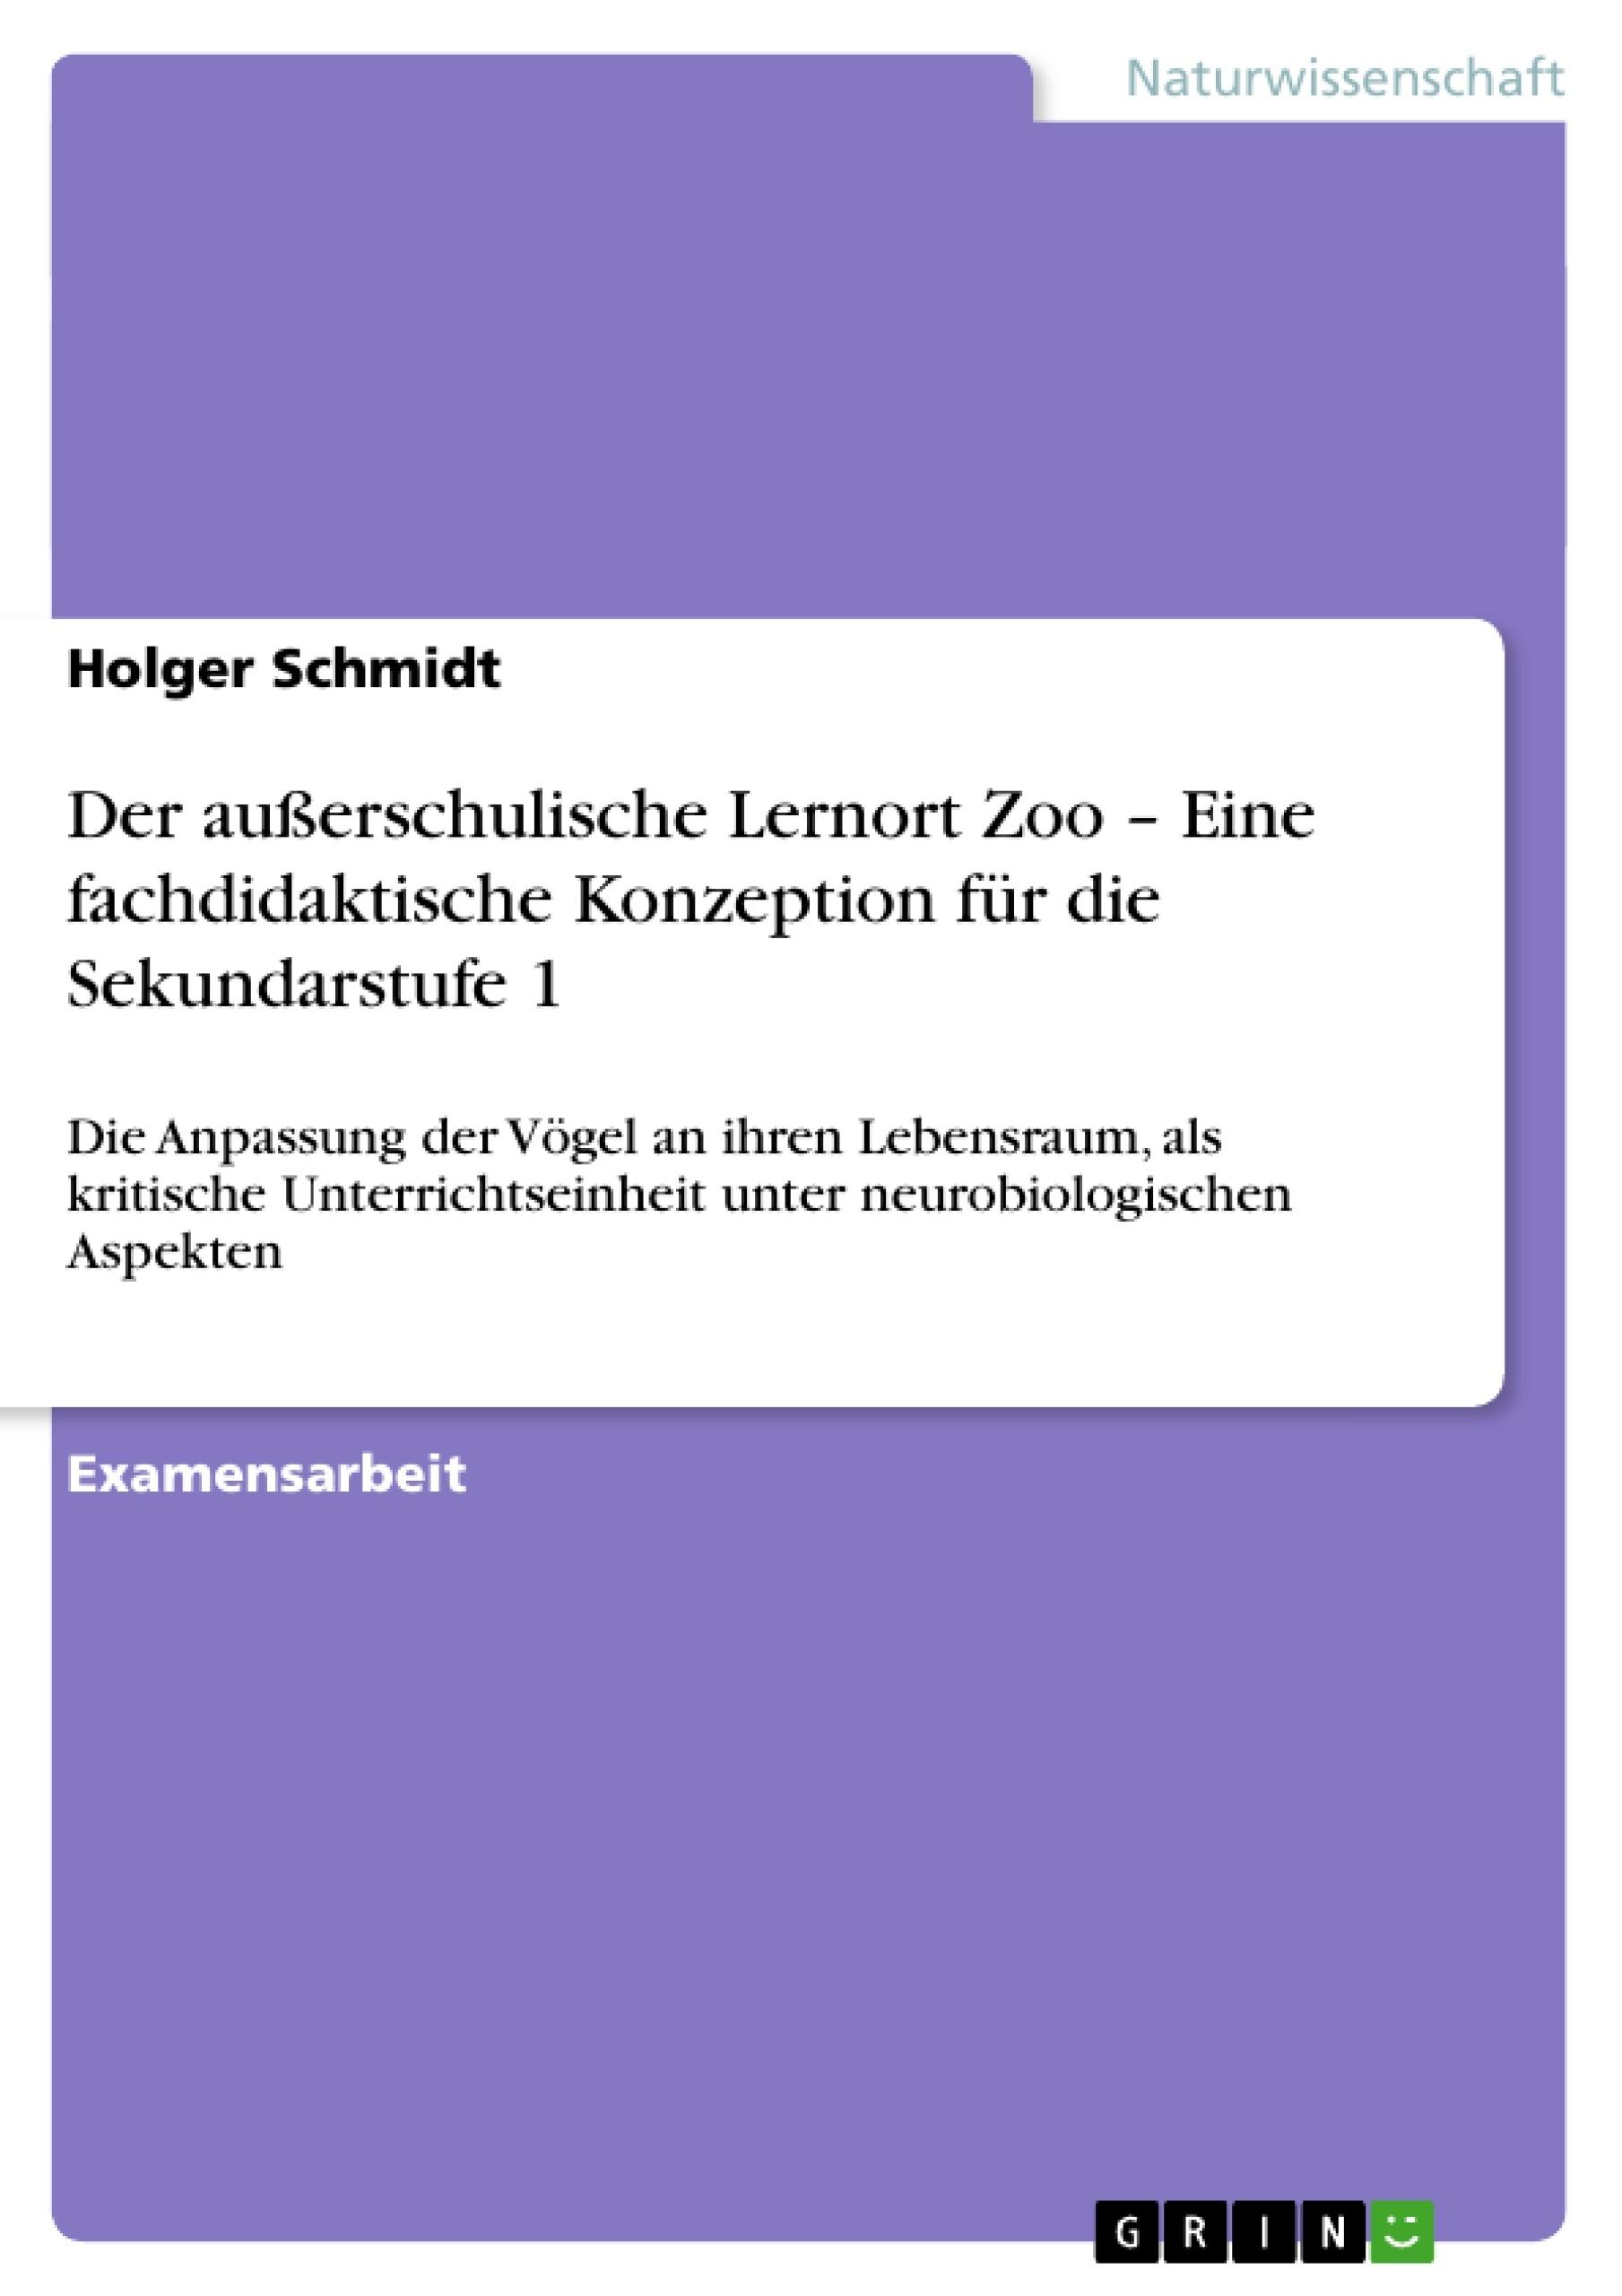 Titel: Der außerschulische Lernort Zoo – Eine fachdidaktische Konzeption für die Sekundarstufe 1